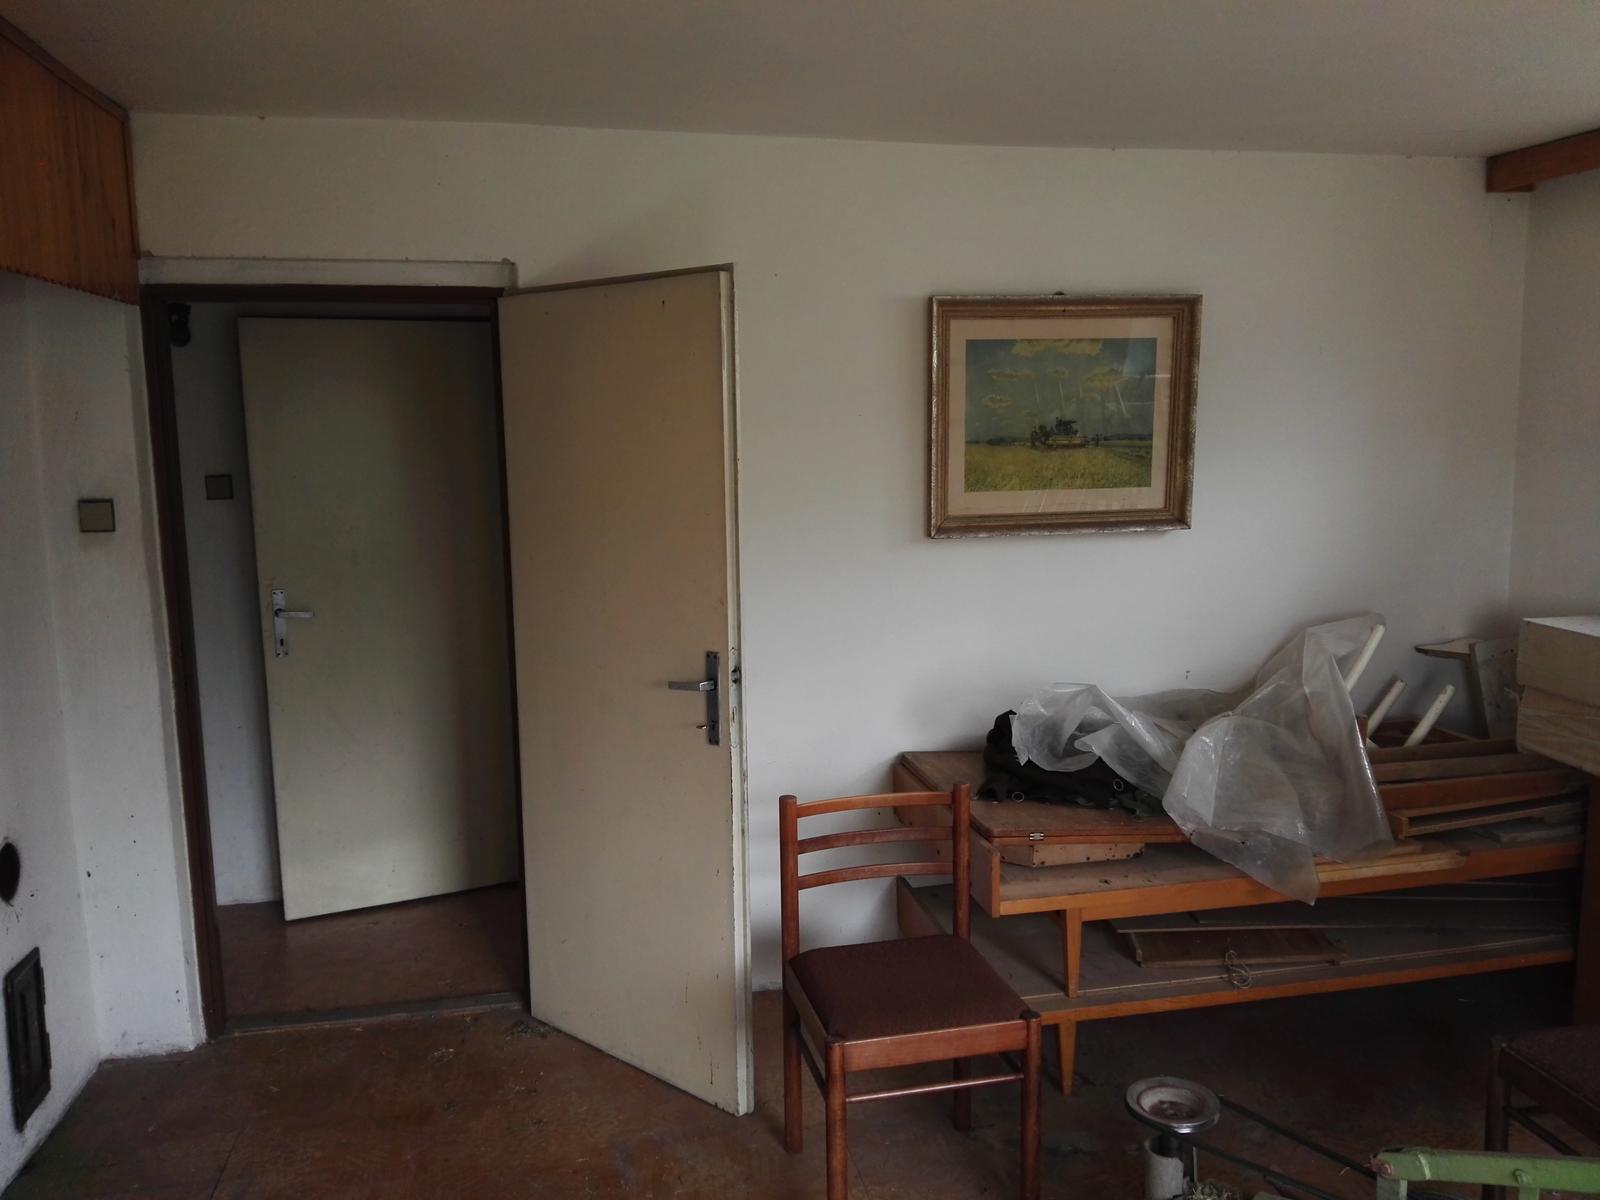 Rekonstrukcia RD - Na metri štvorcovom 4 ks dverí, kde sa nikdy nedali otvoriť viac než jedny  + napravo poschodová postel pre anorektikov